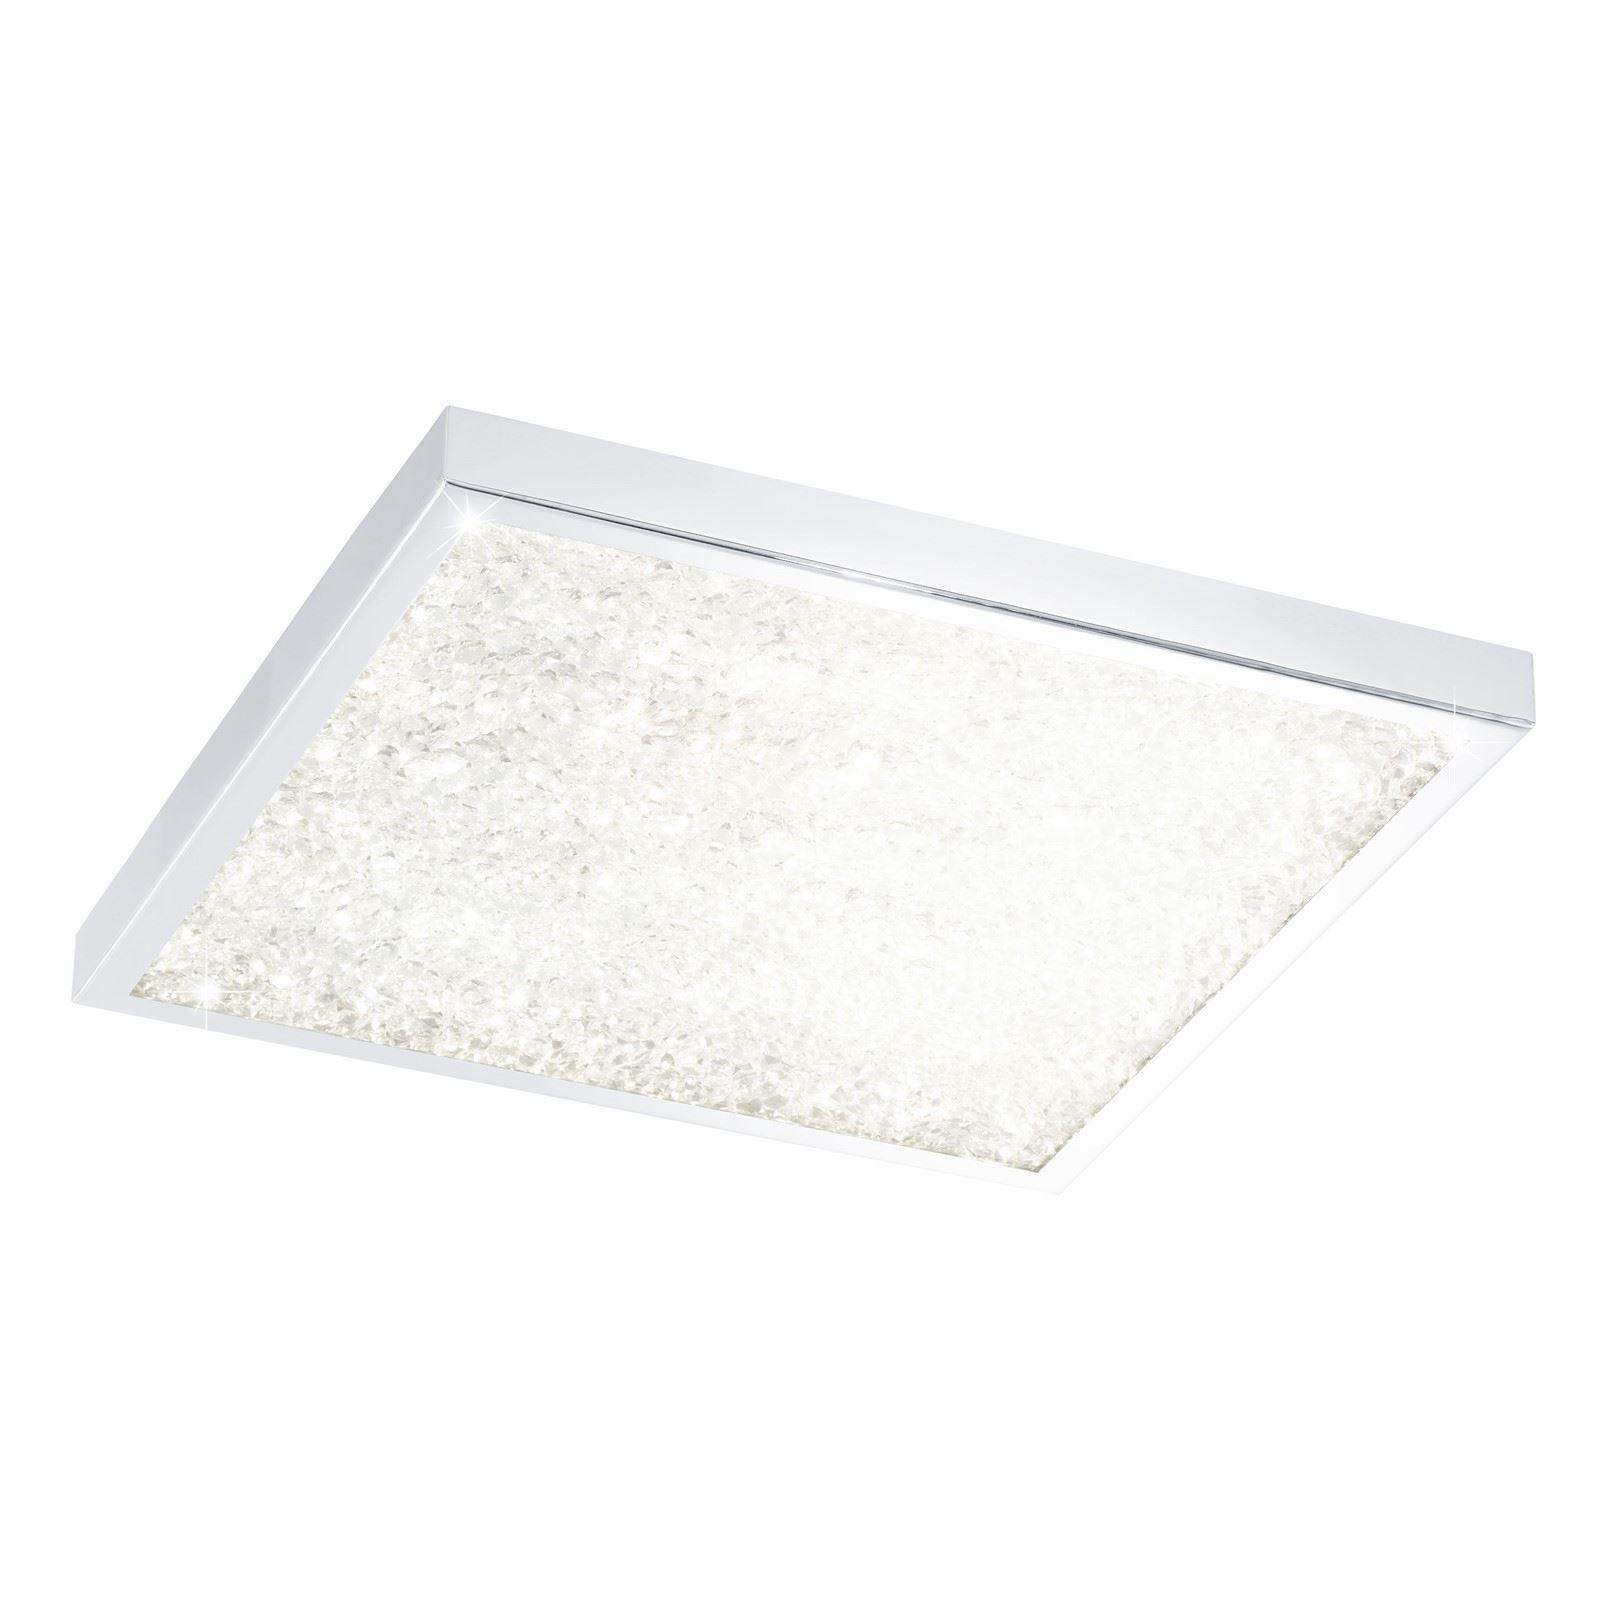 Cardito Led Ceiling Light 16W Chrome Length 440 Mm